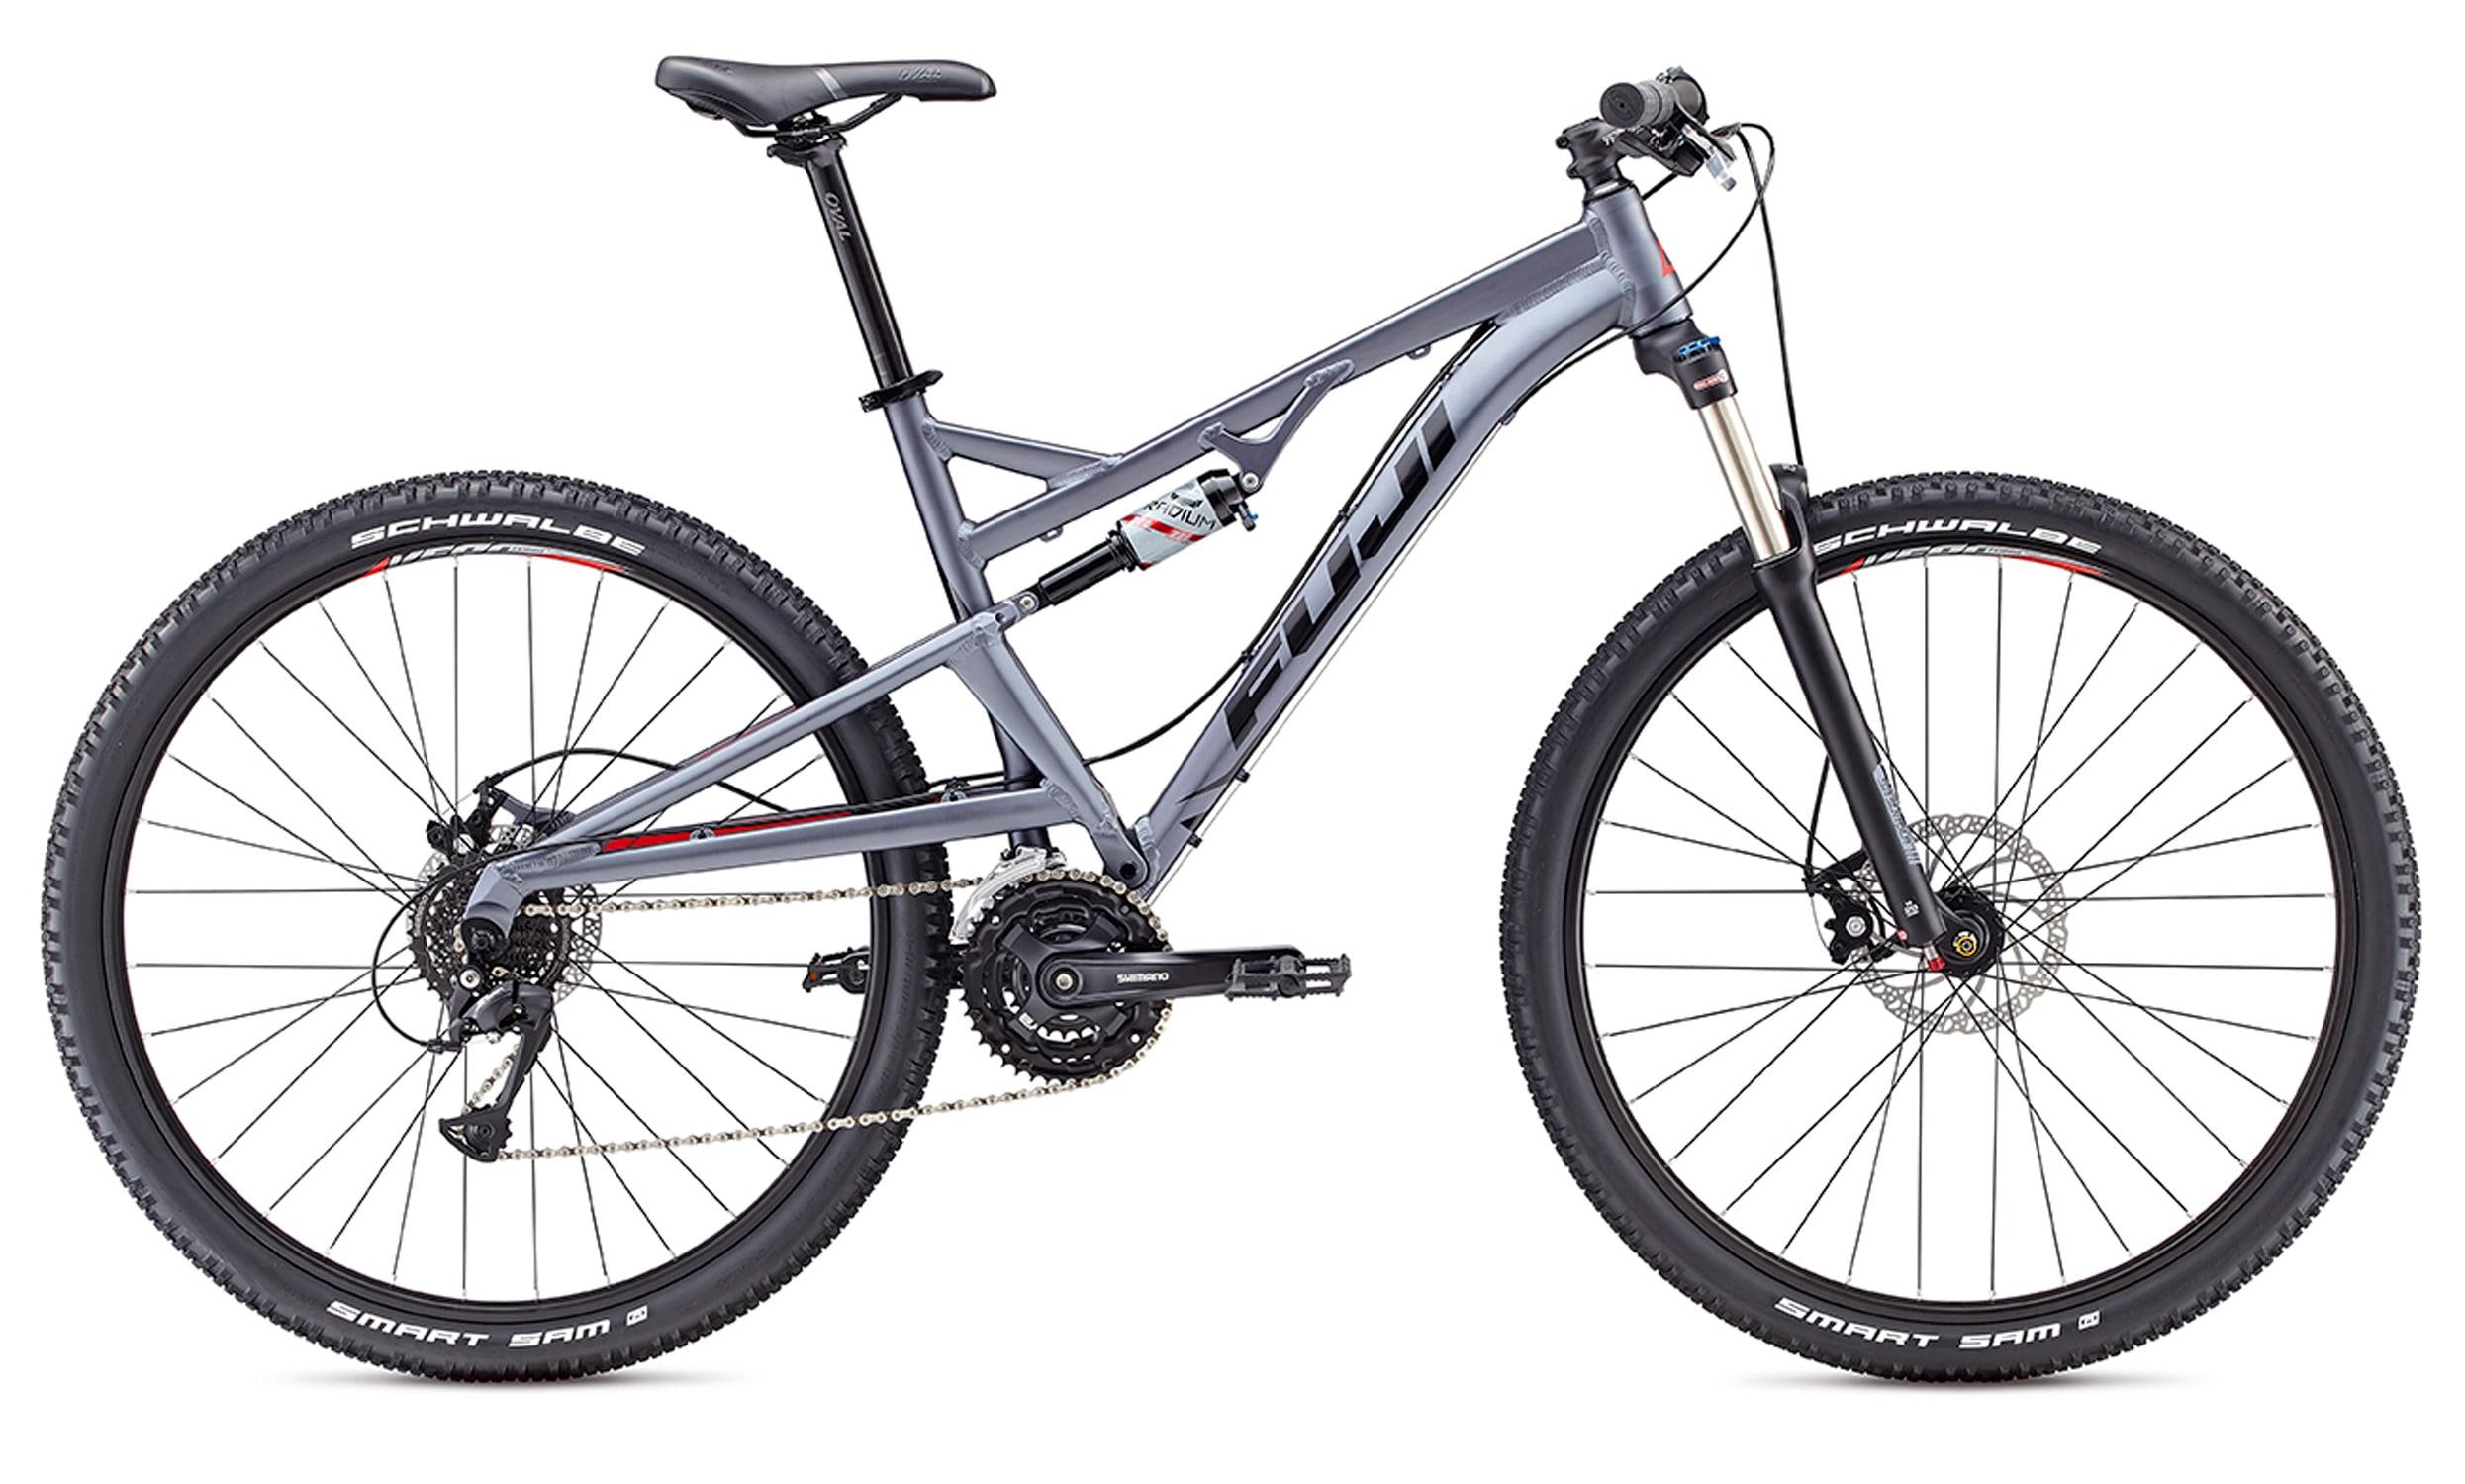 Fuji Outland 29 1 5 Bike